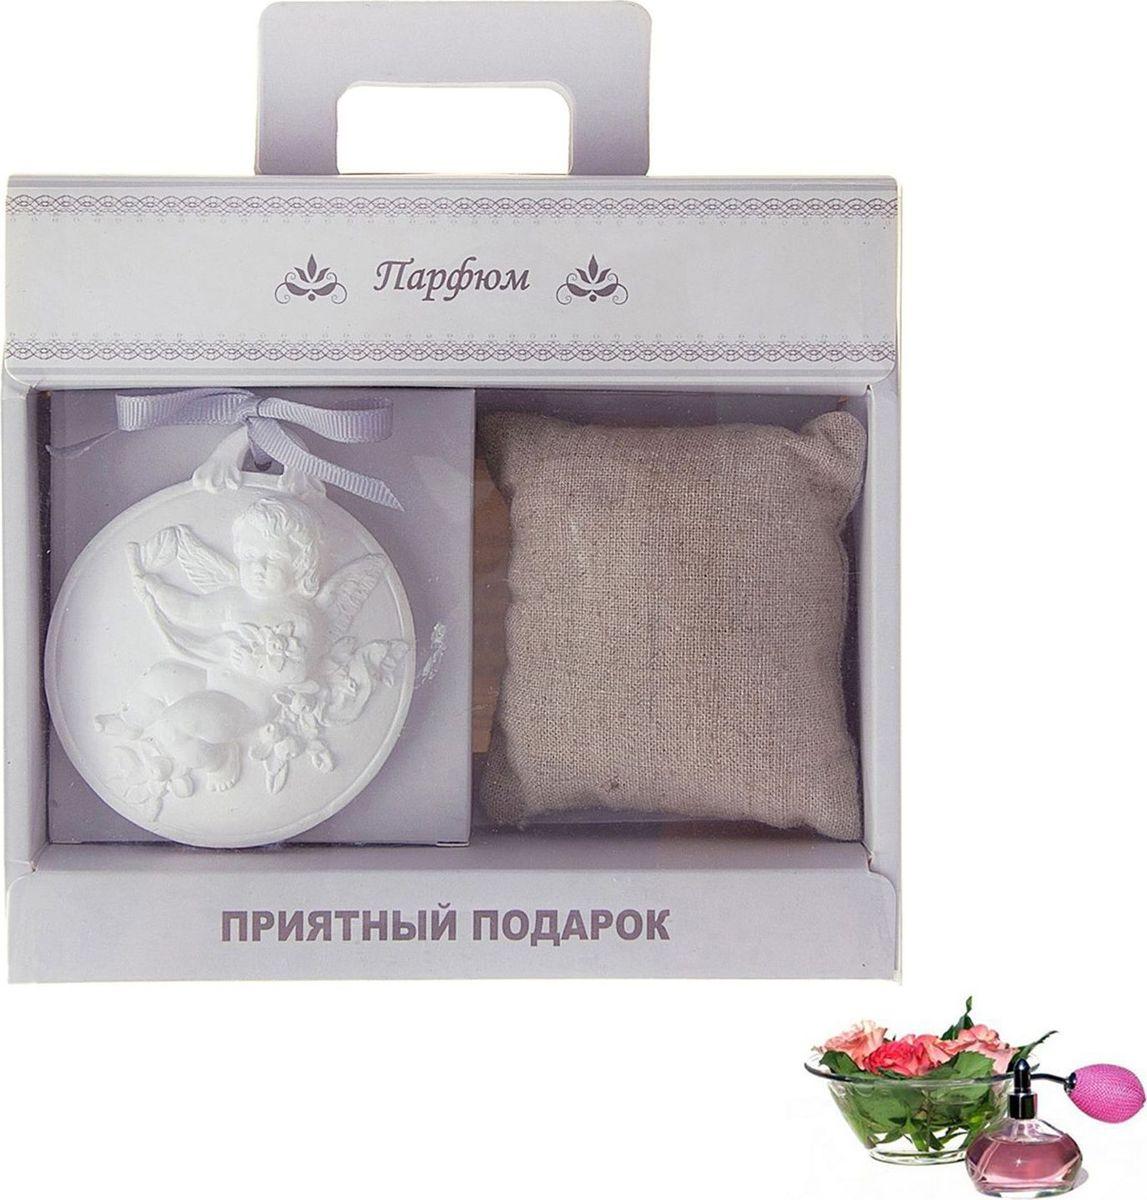 Подарочный ароманабор